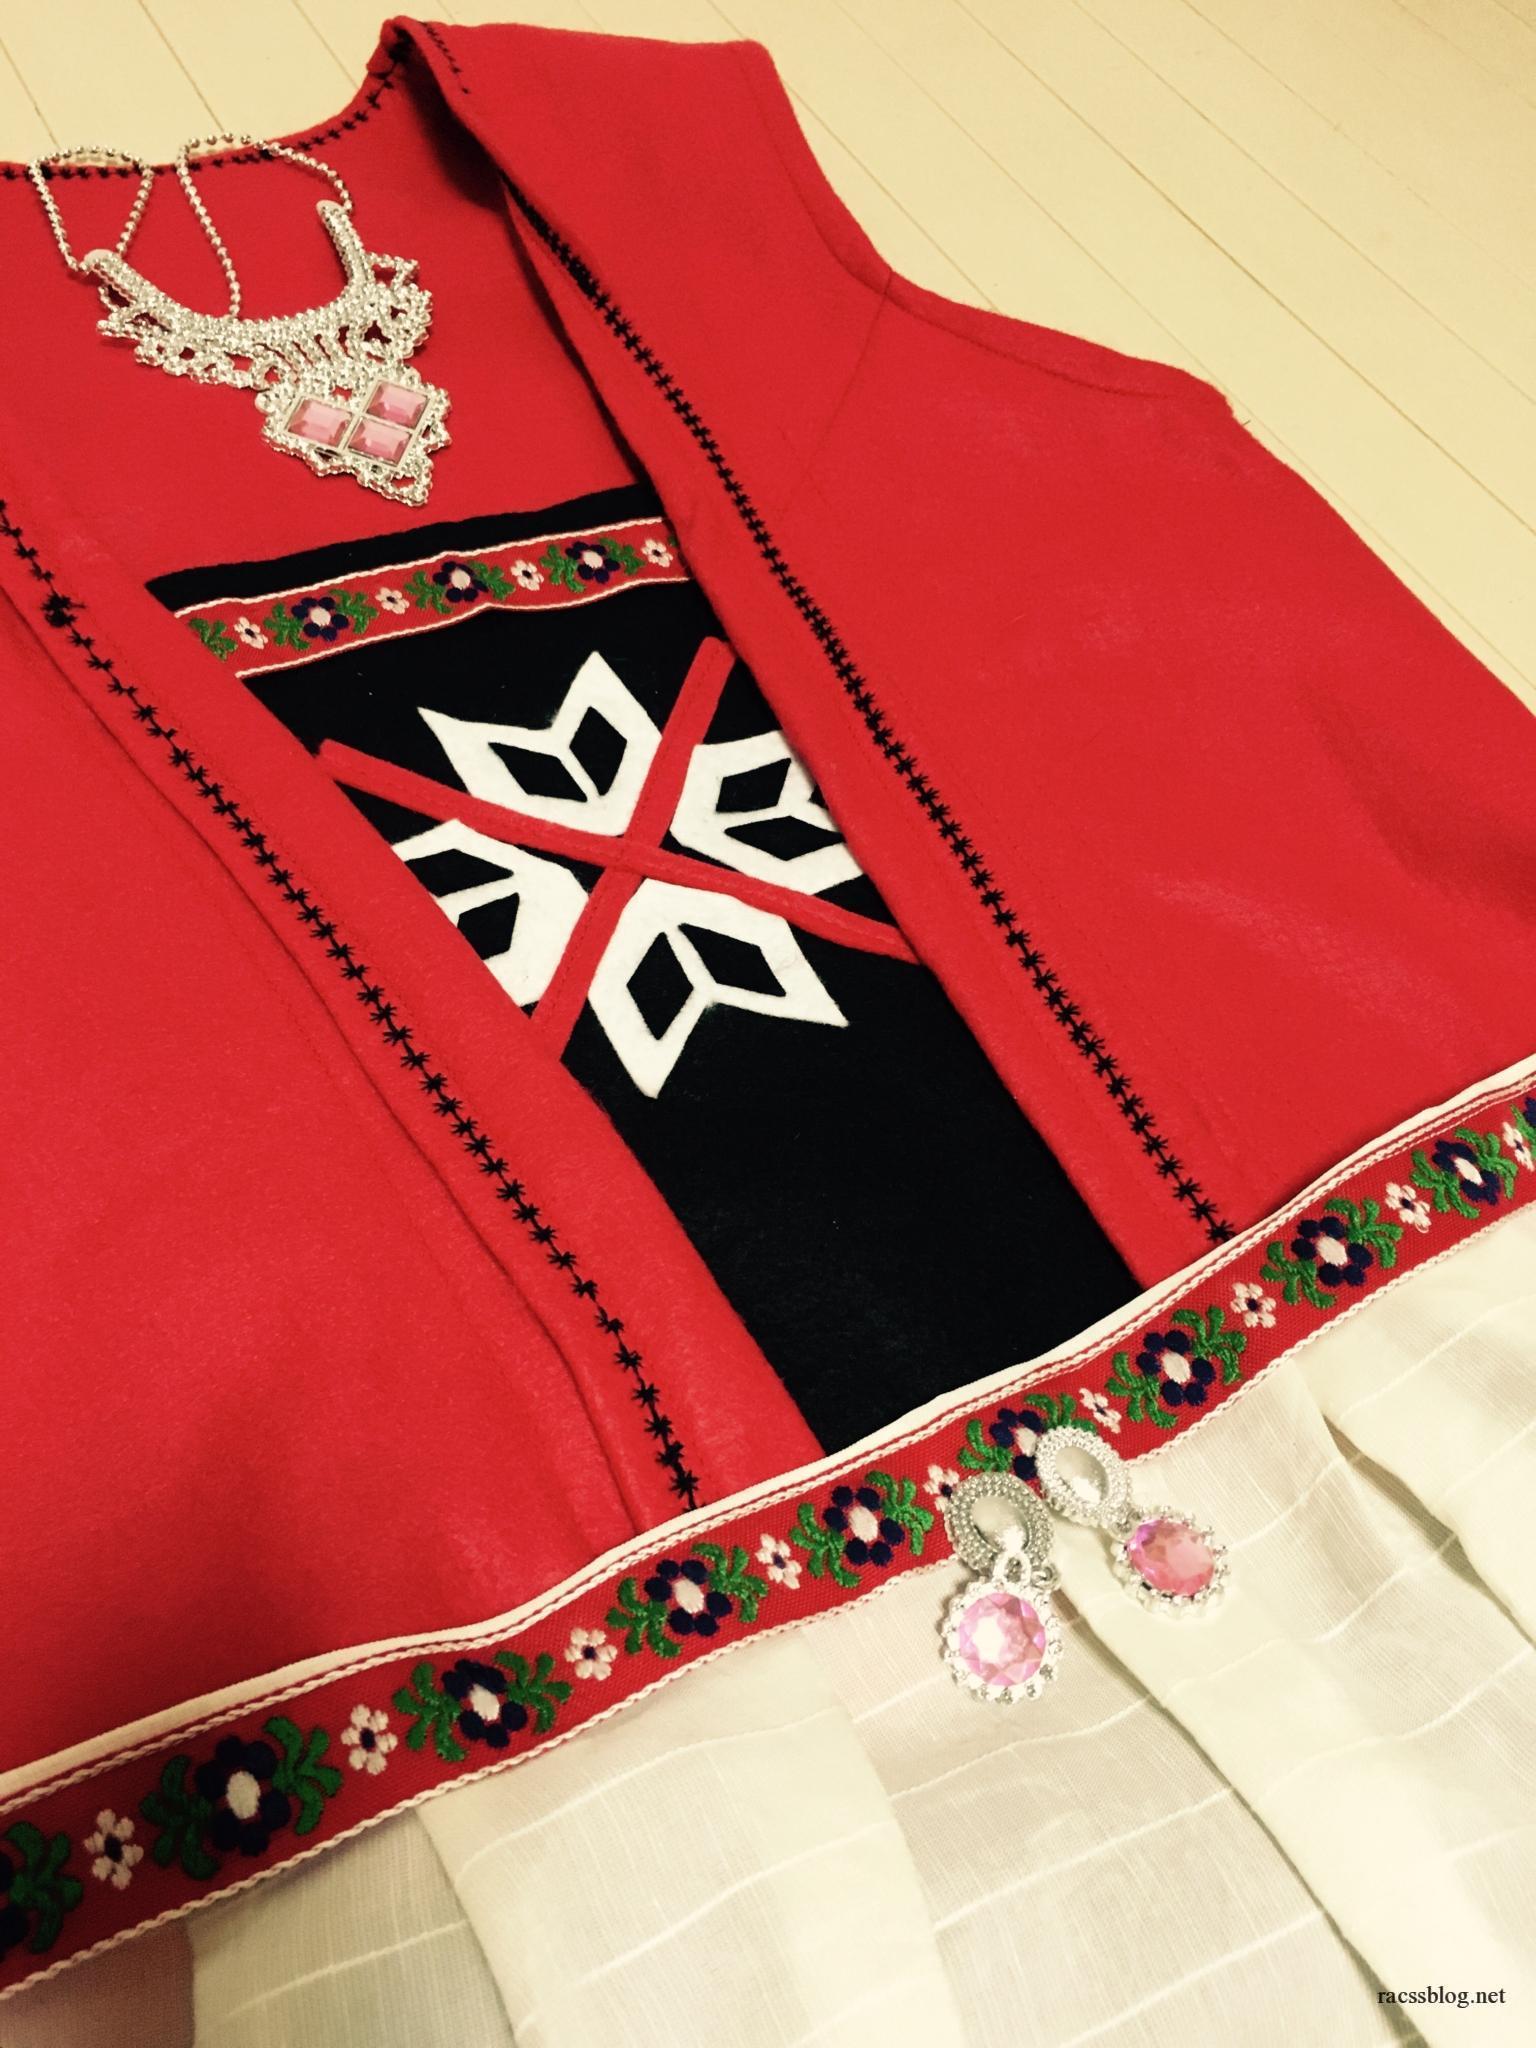 ノルウェーの民族衣装が可愛いので作ってみた!100均の材料で製作します